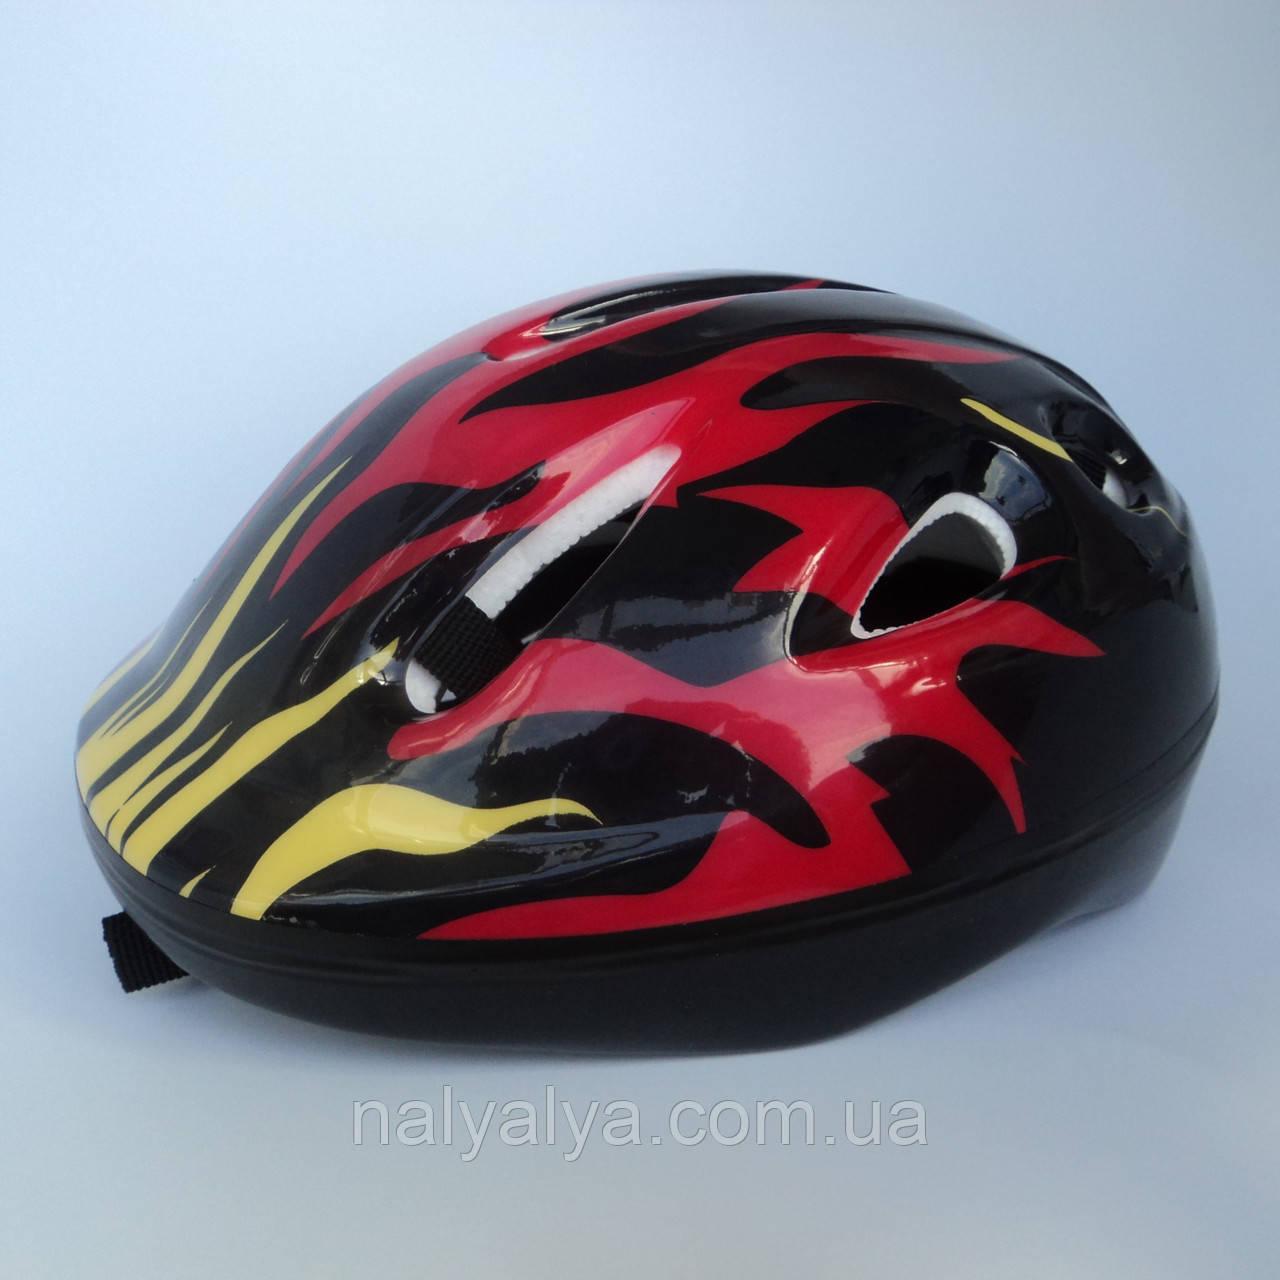 Защитный шлем для детей - Оптово - розничный магазин НаЛяля  в Львове